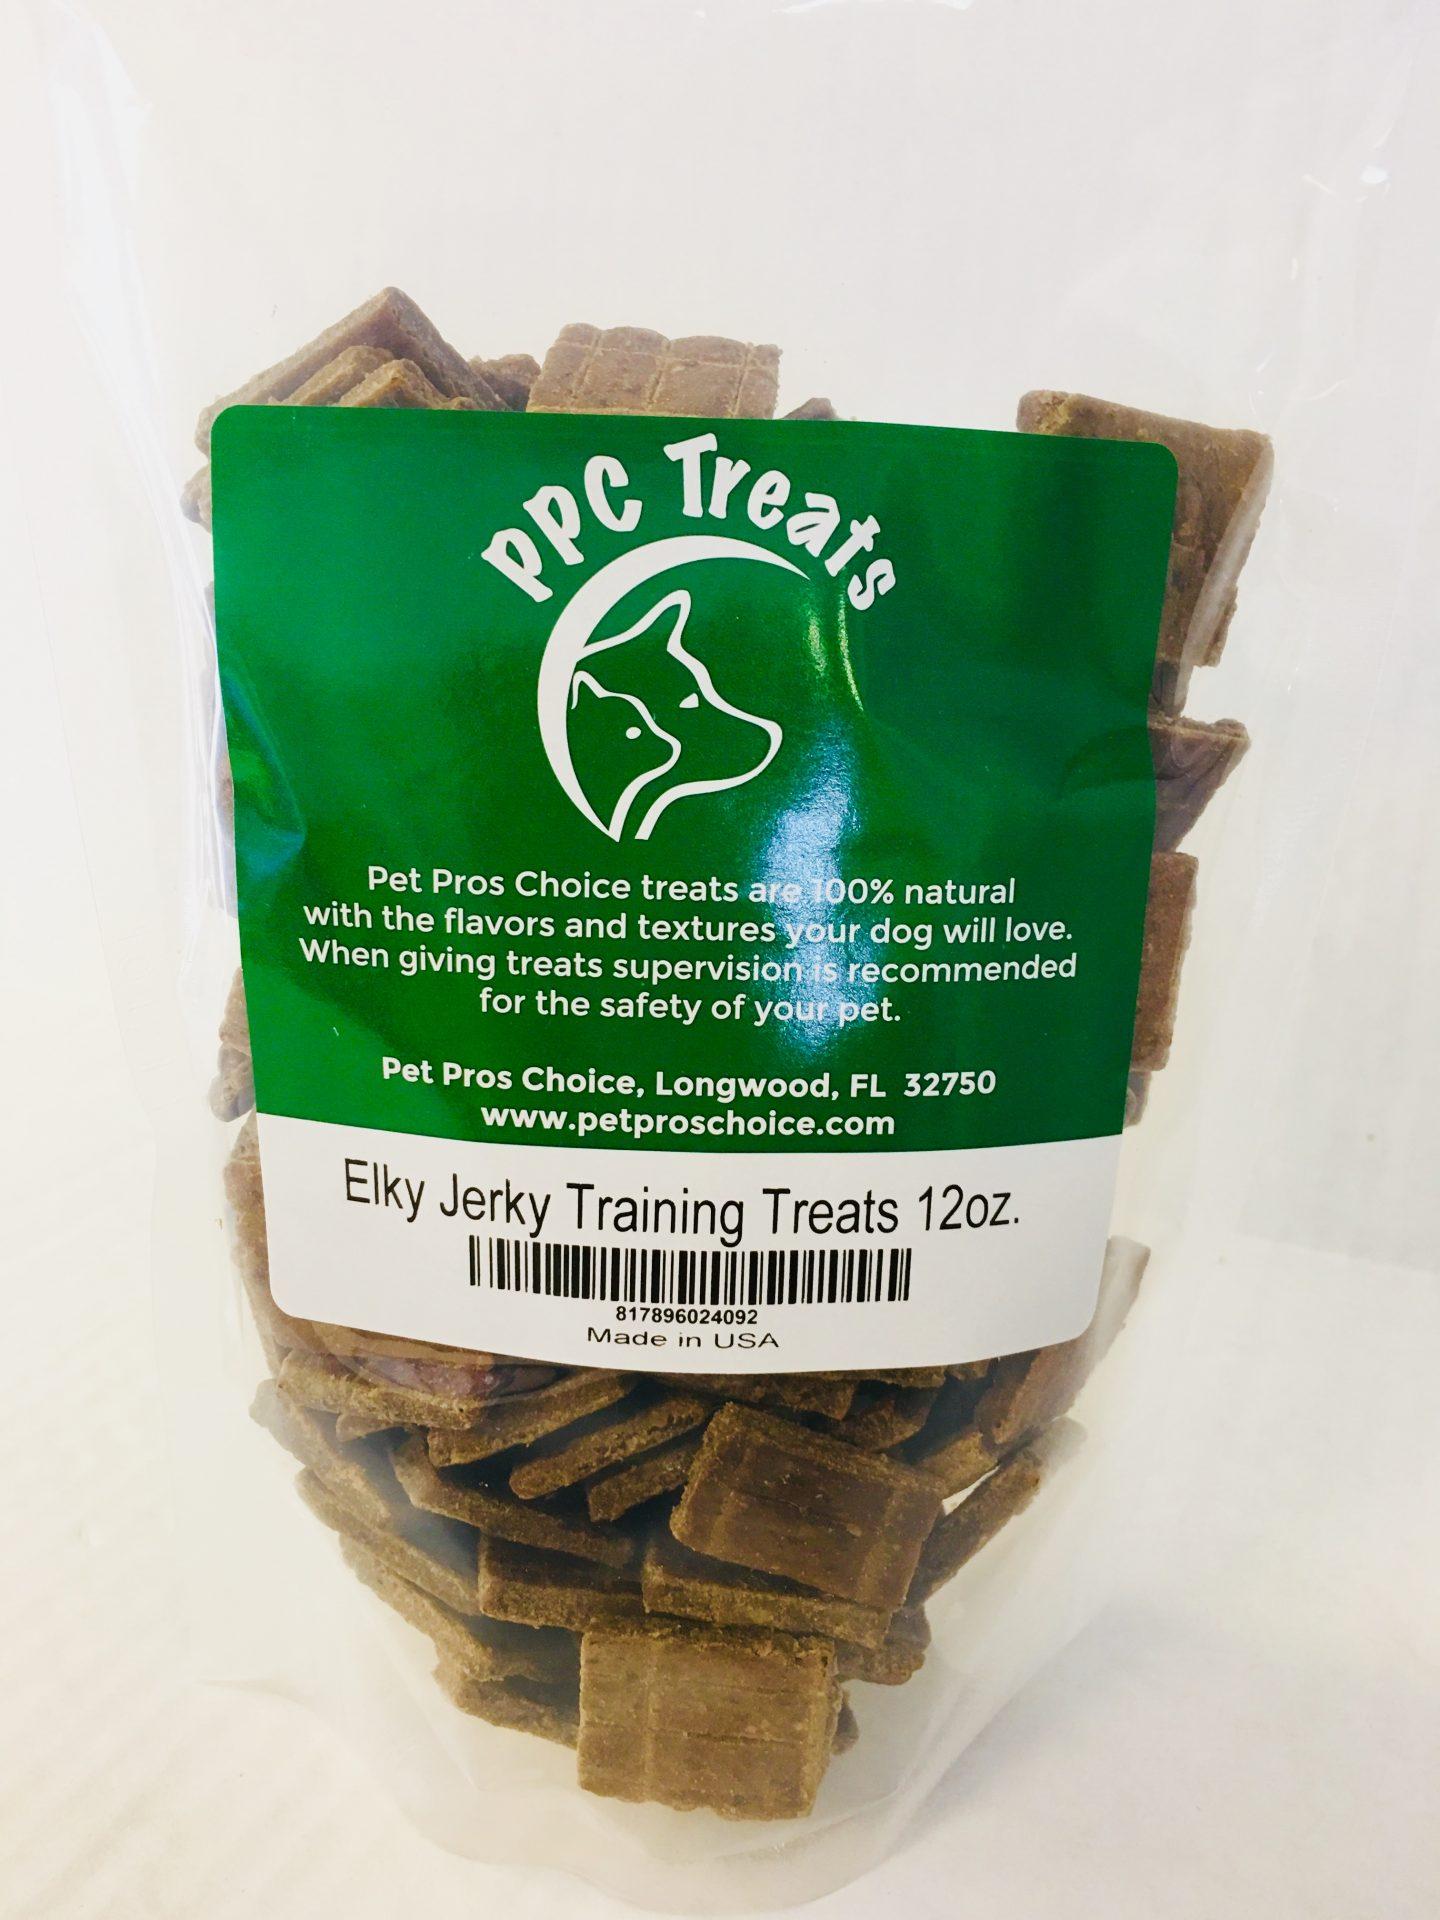 Pet Pros Choice Elky Jerky Training Treats, 12-oz